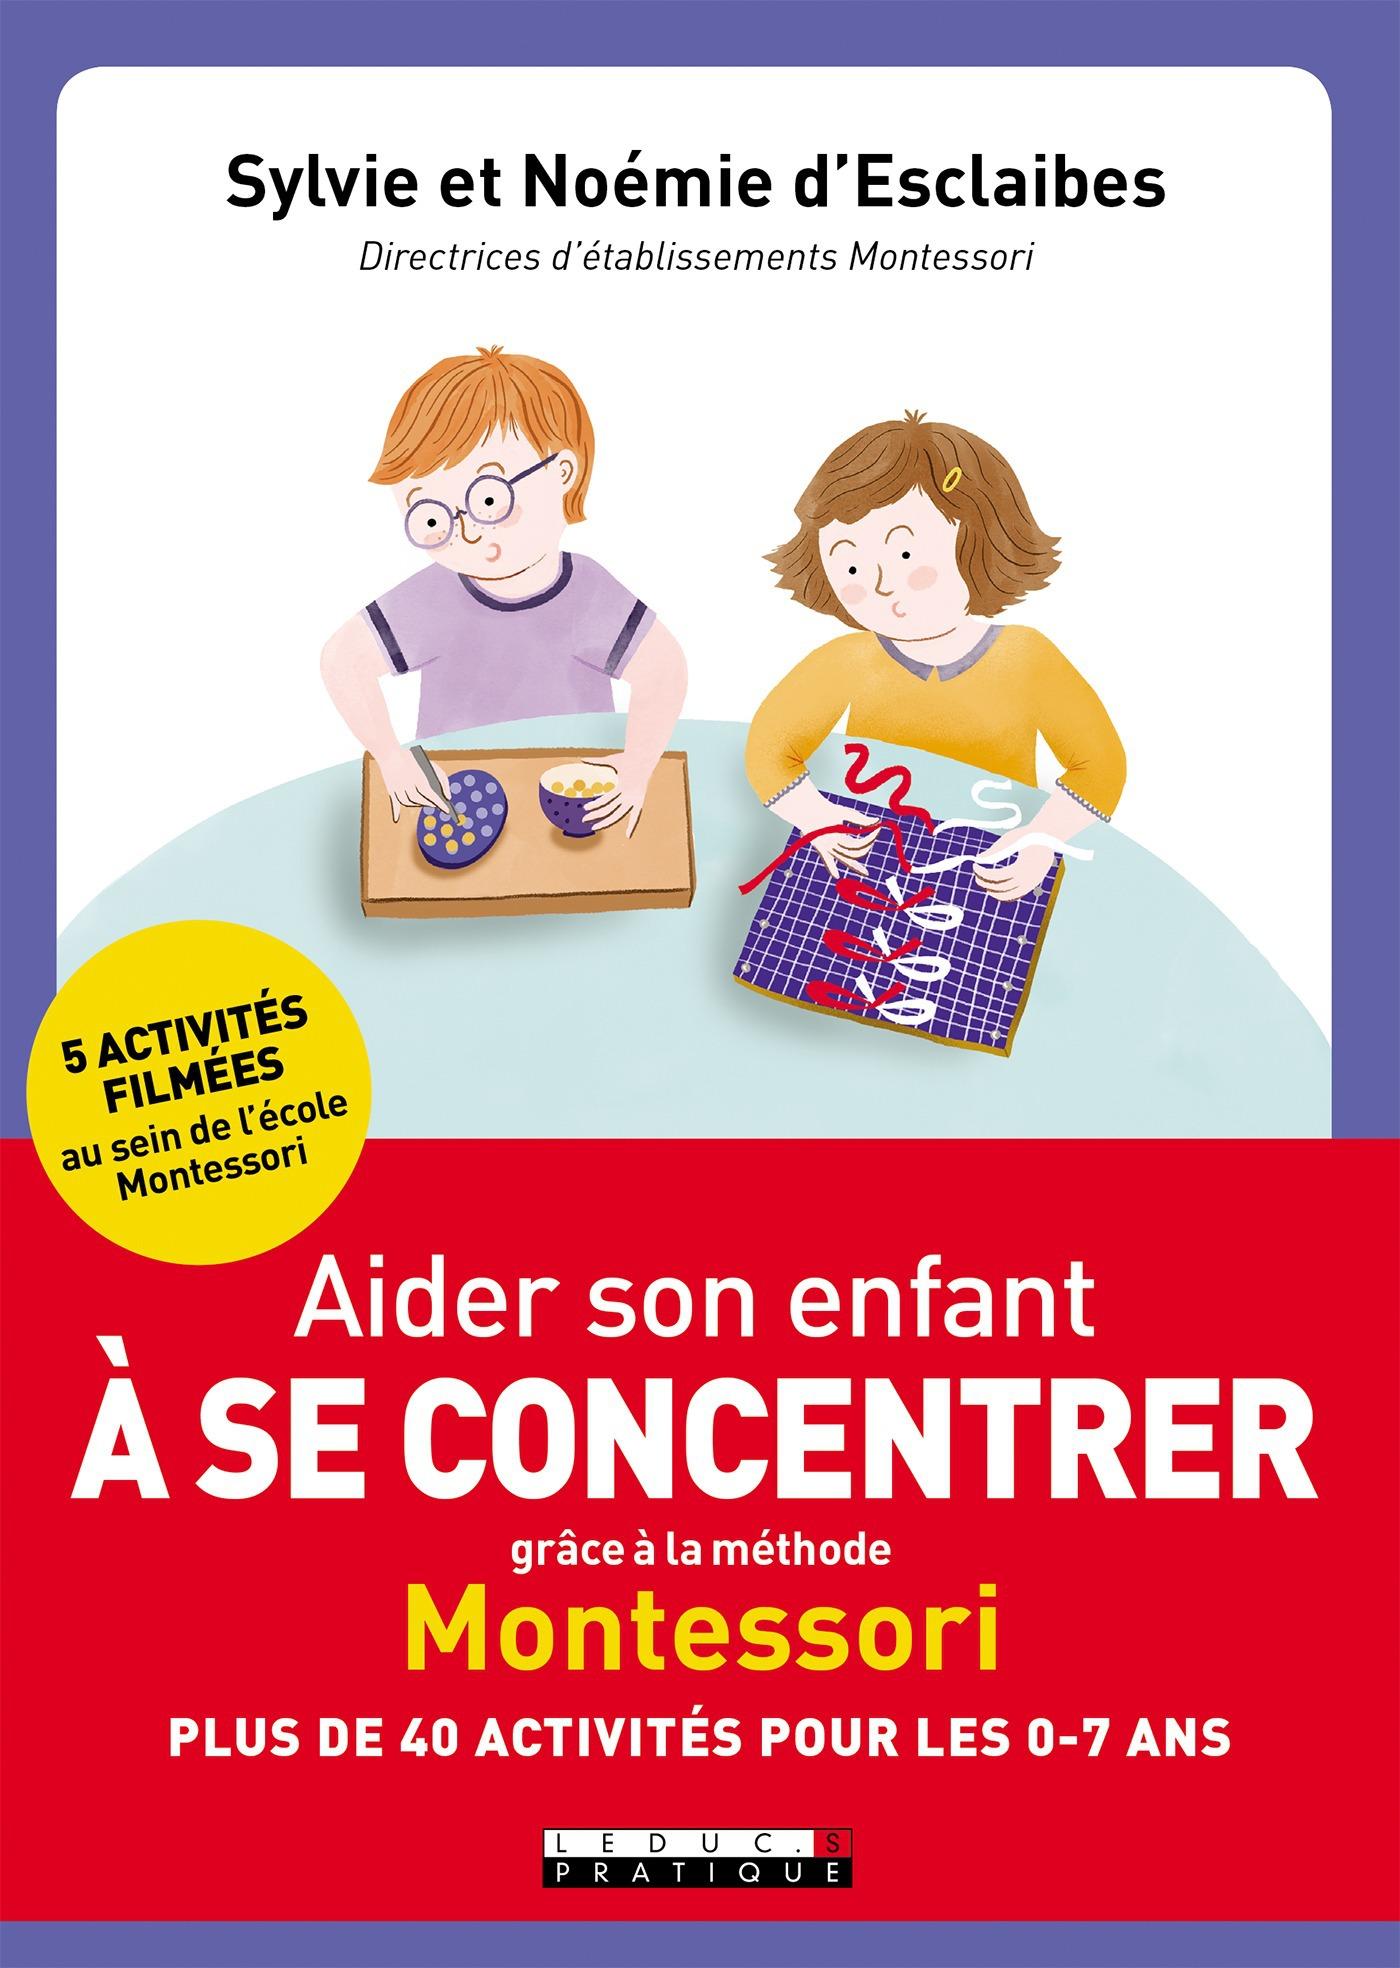 Aider son enfant à se concentrer grâce à la méthode Montessori ; plus de 40 activités pour les 0-7 ans